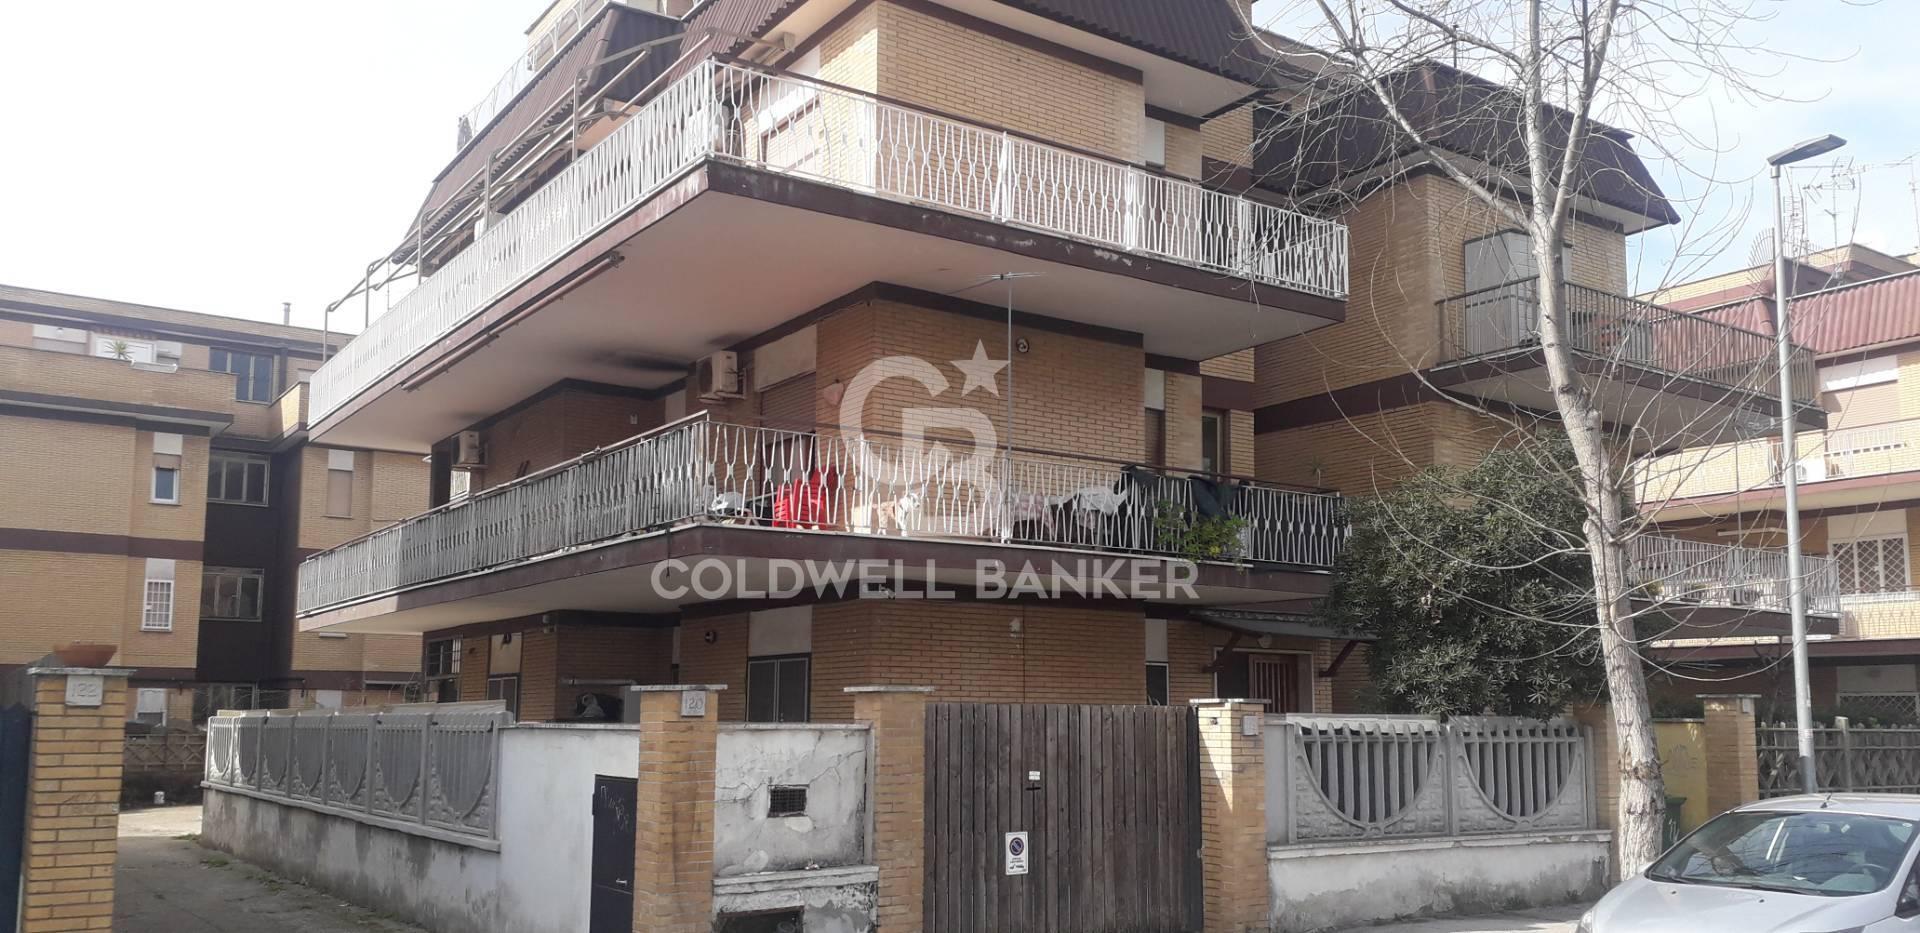 Appartamento in vendita a Pomezia, 2 locali, zona aianica, prezzo € 95.000 | PortaleAgenzieImmobiliari.it